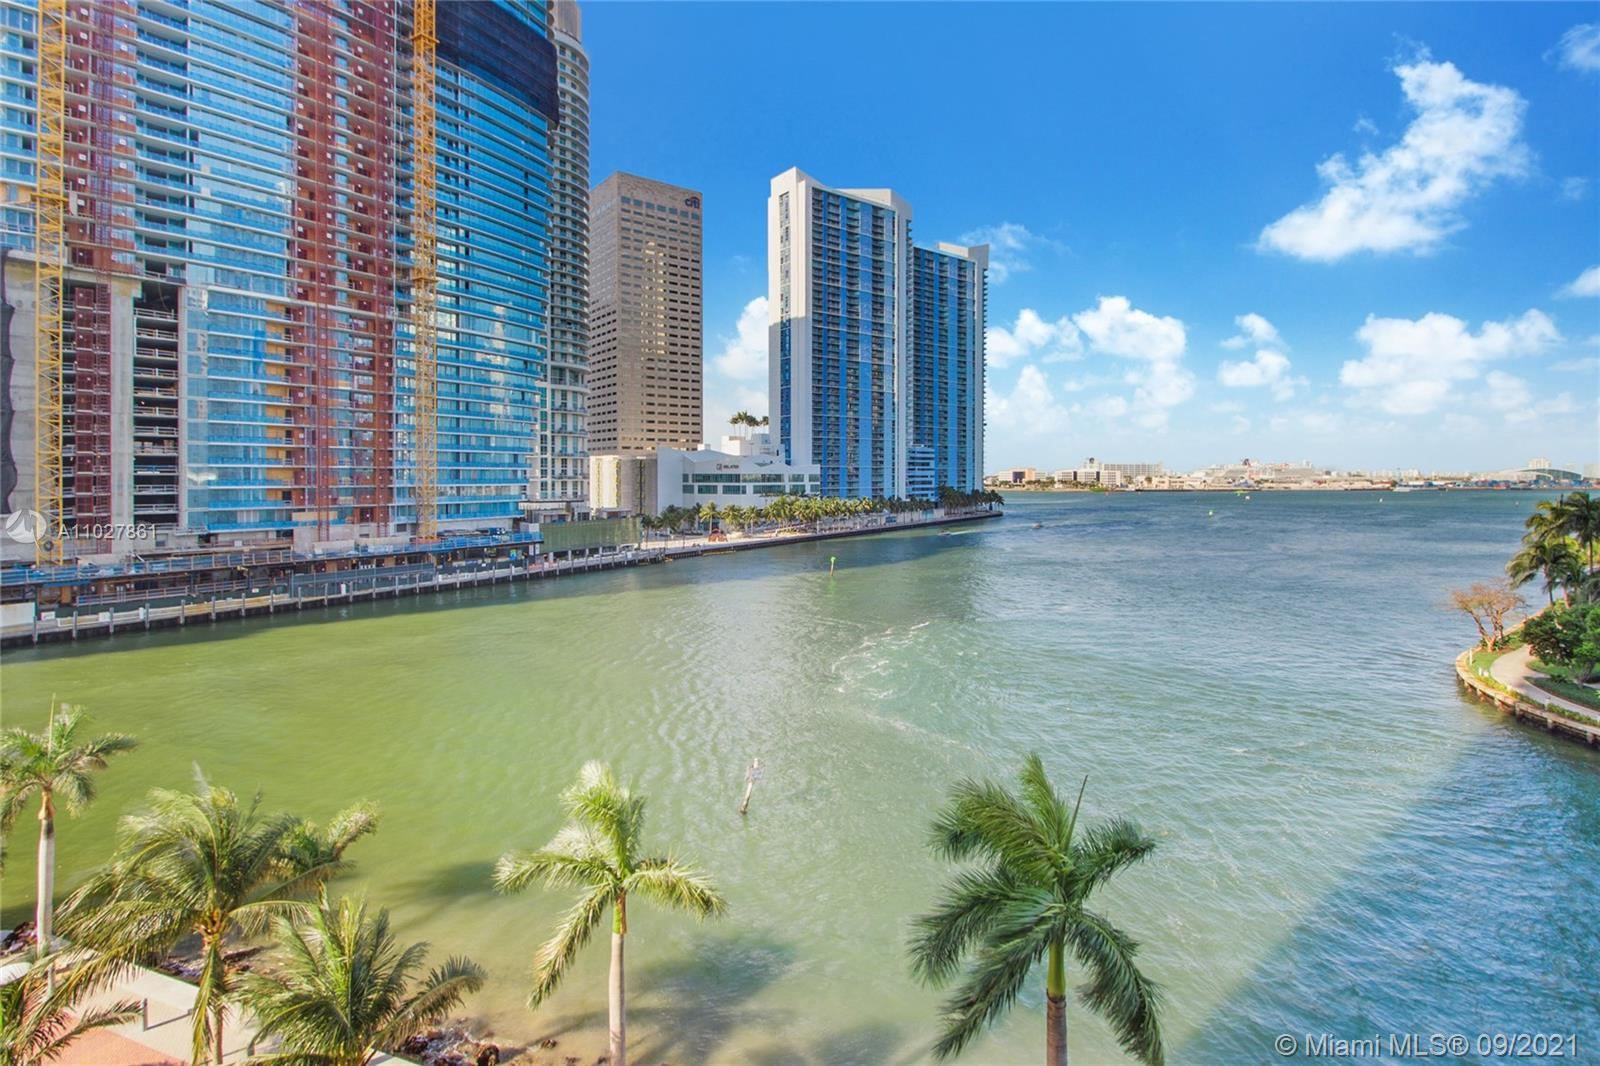 Icon Brickell 1 #601 - 465 Brickell Ave #601, Miami, FL 33131